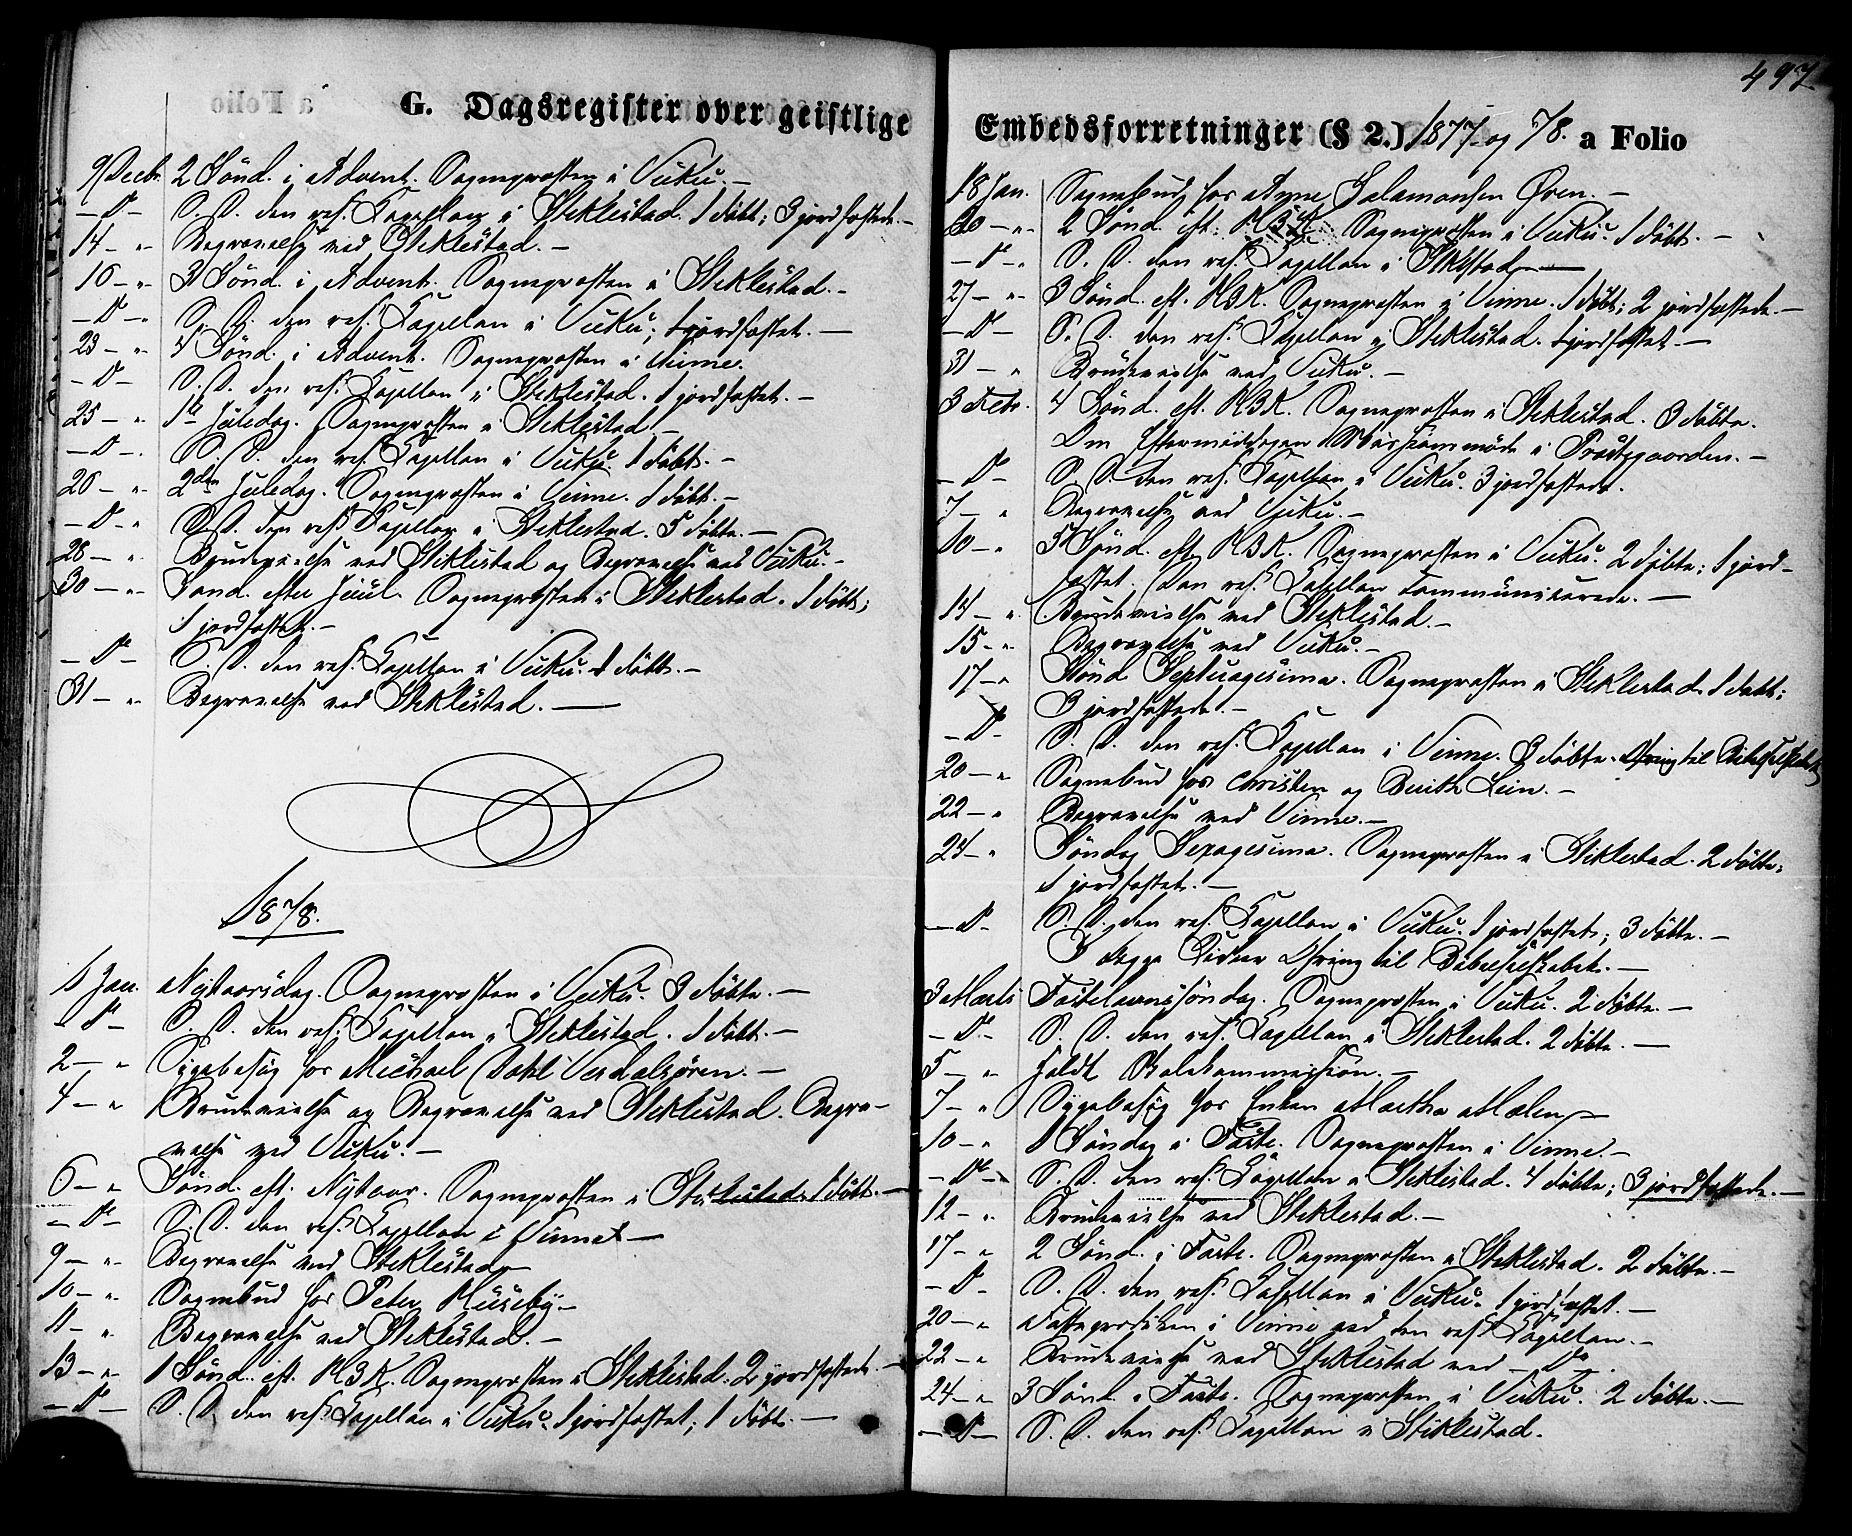 SAT, Ministerialprotokoller, klokkerbøker og fødselsregistre - Nord-Trøndelag, 723/L0242: Ministerialbok nr. 723A11, 1870-1880, s. 497